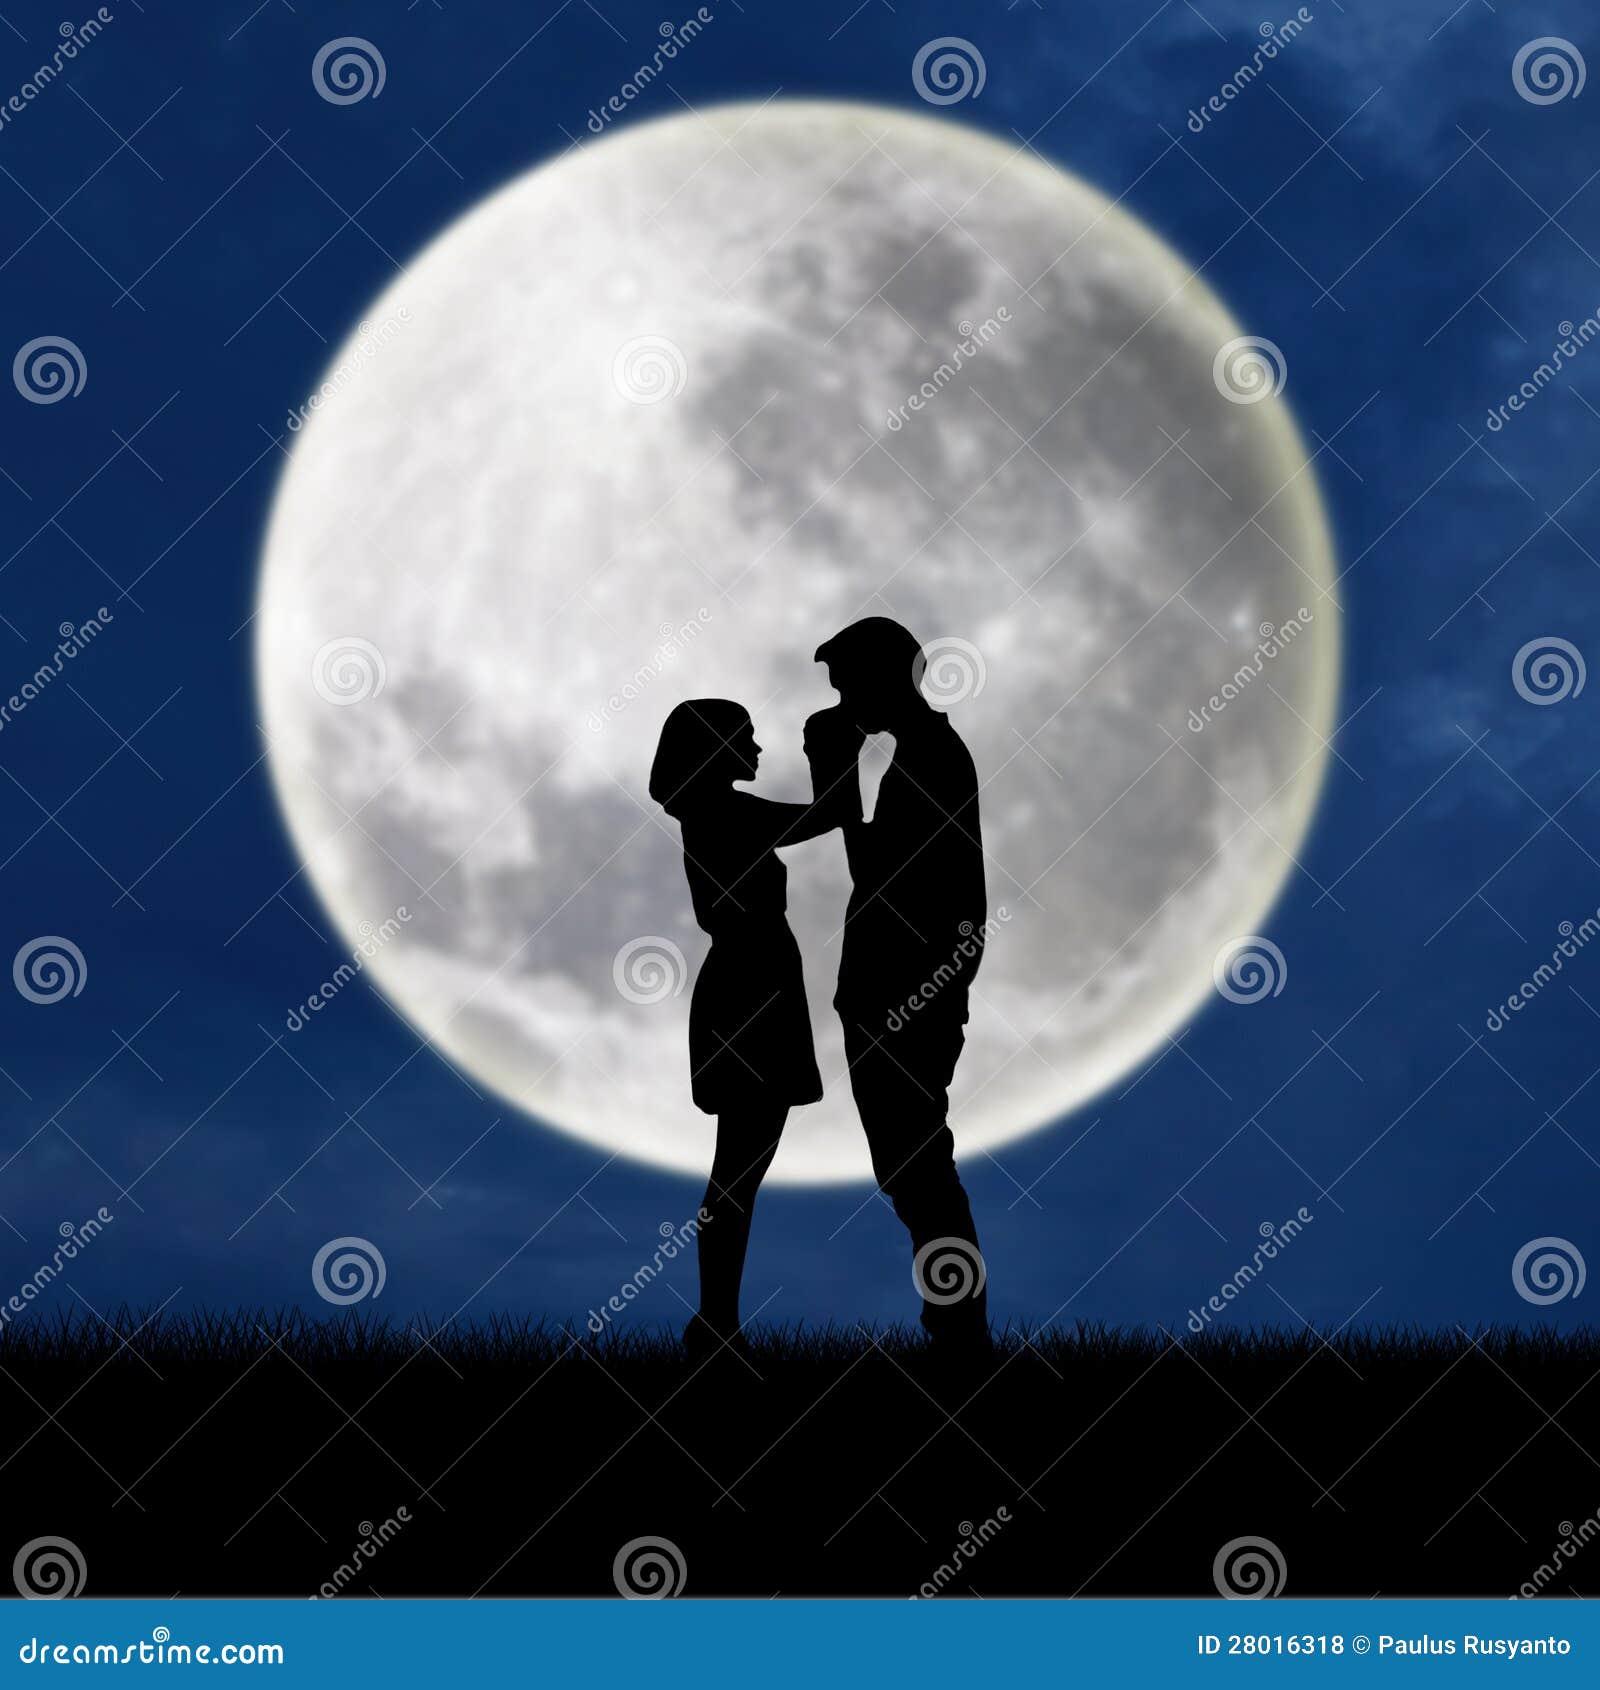 Guy Kiss Girl Hand On Blue Full Moon Background Stock